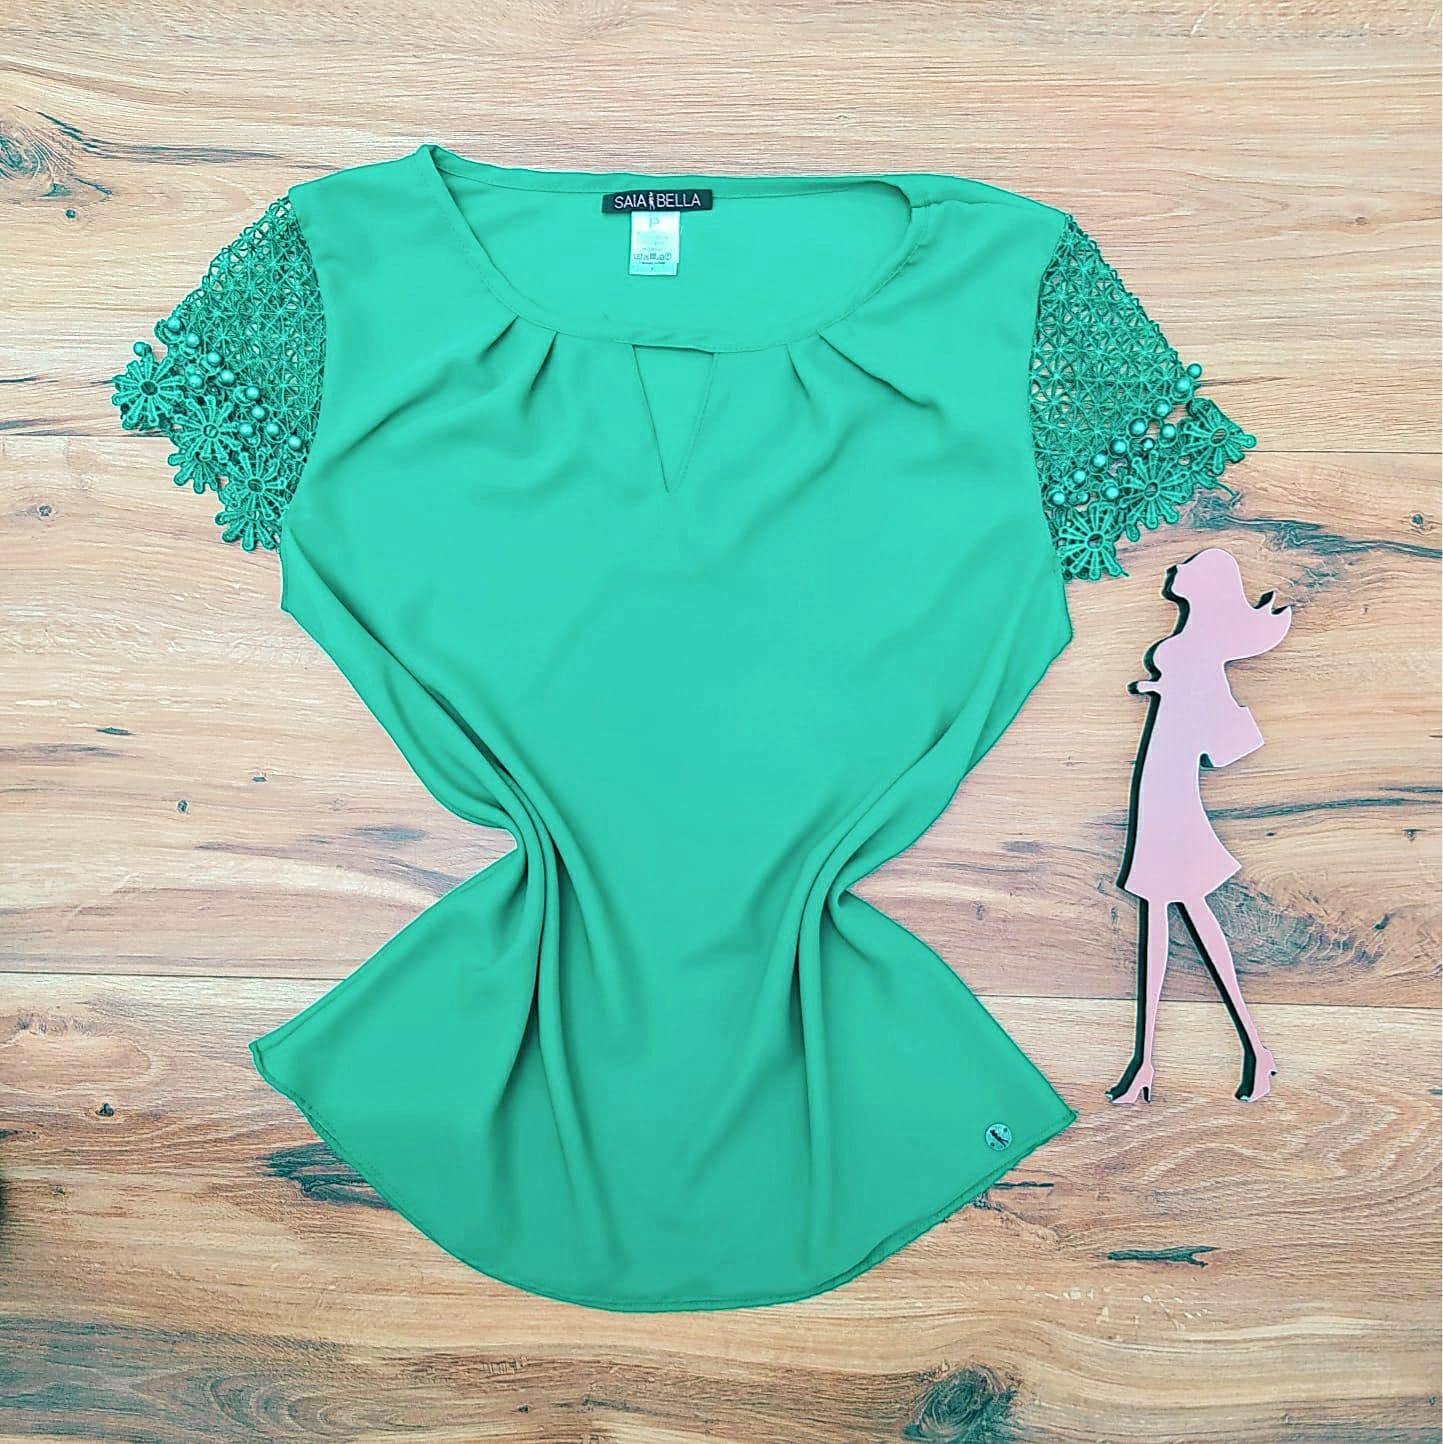 Blusa Raquel Saia Bella - SB8018855 Verde Bandeira